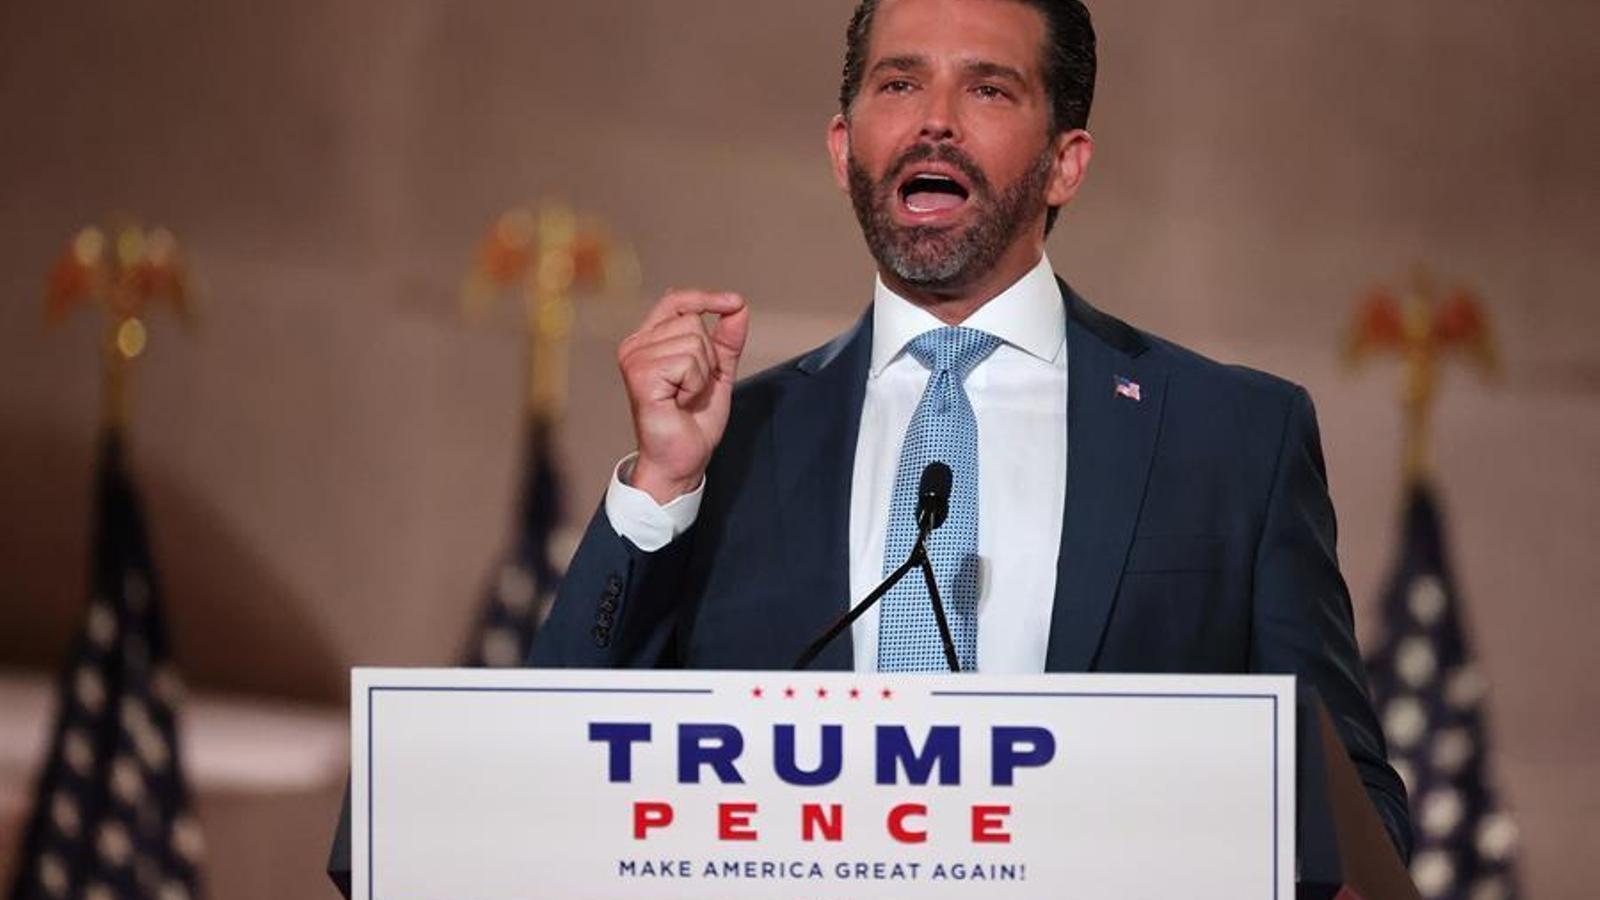 Donald Trump júnior, fill del president i candidat republicà, Donald Trump, en el seu discurs a la convenció republicana